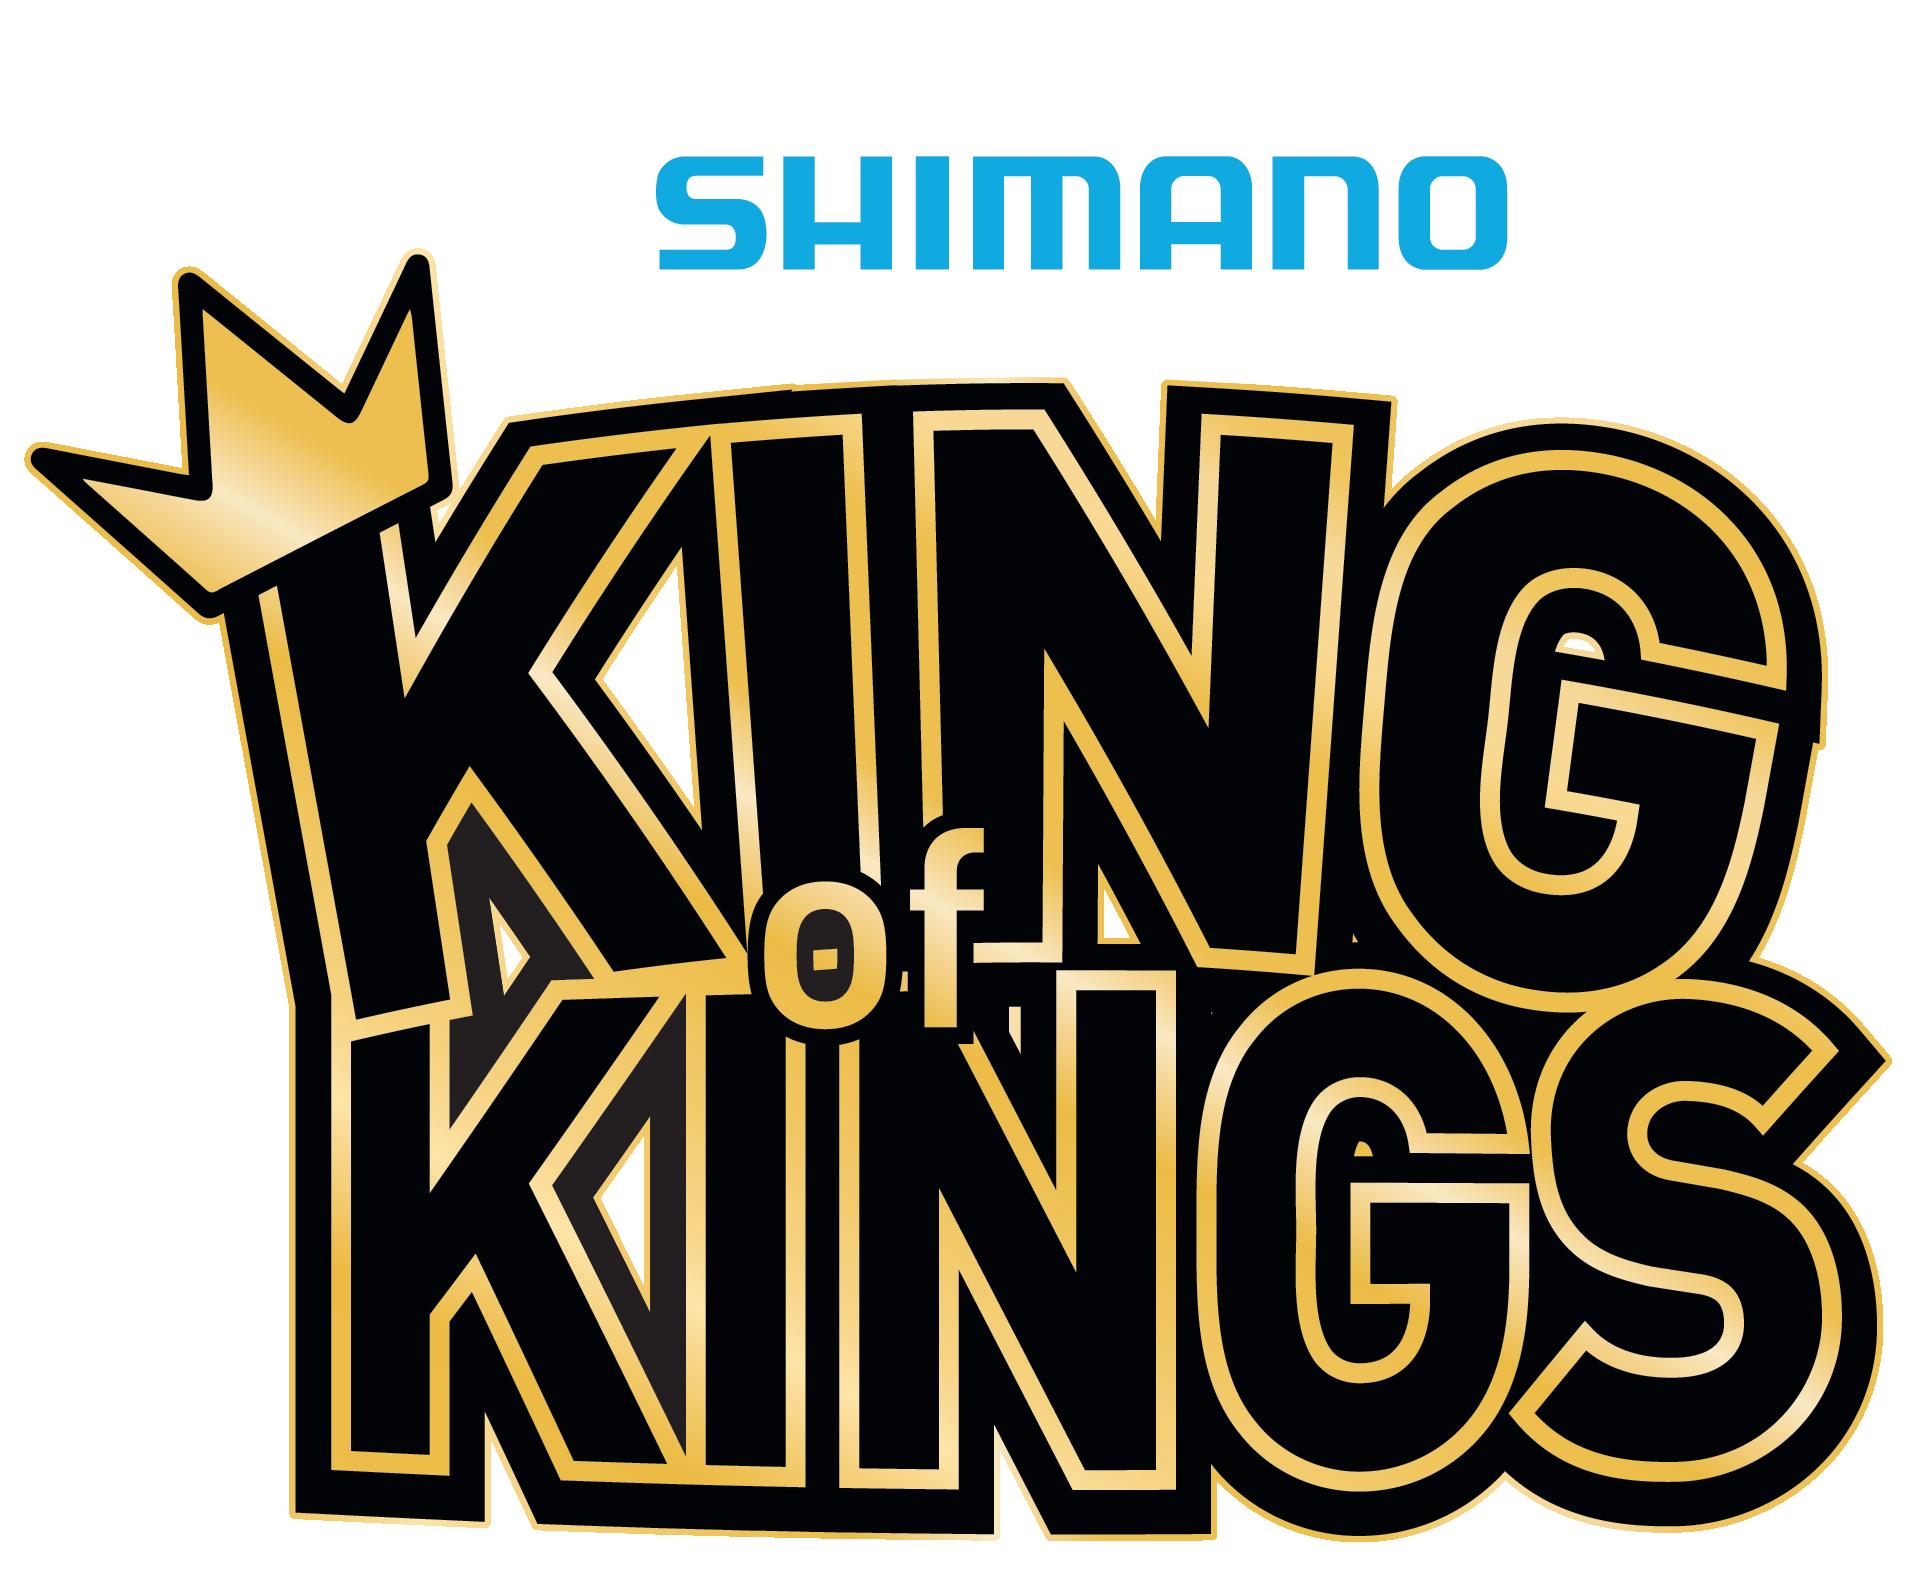 King of Kings - Final Logo.png